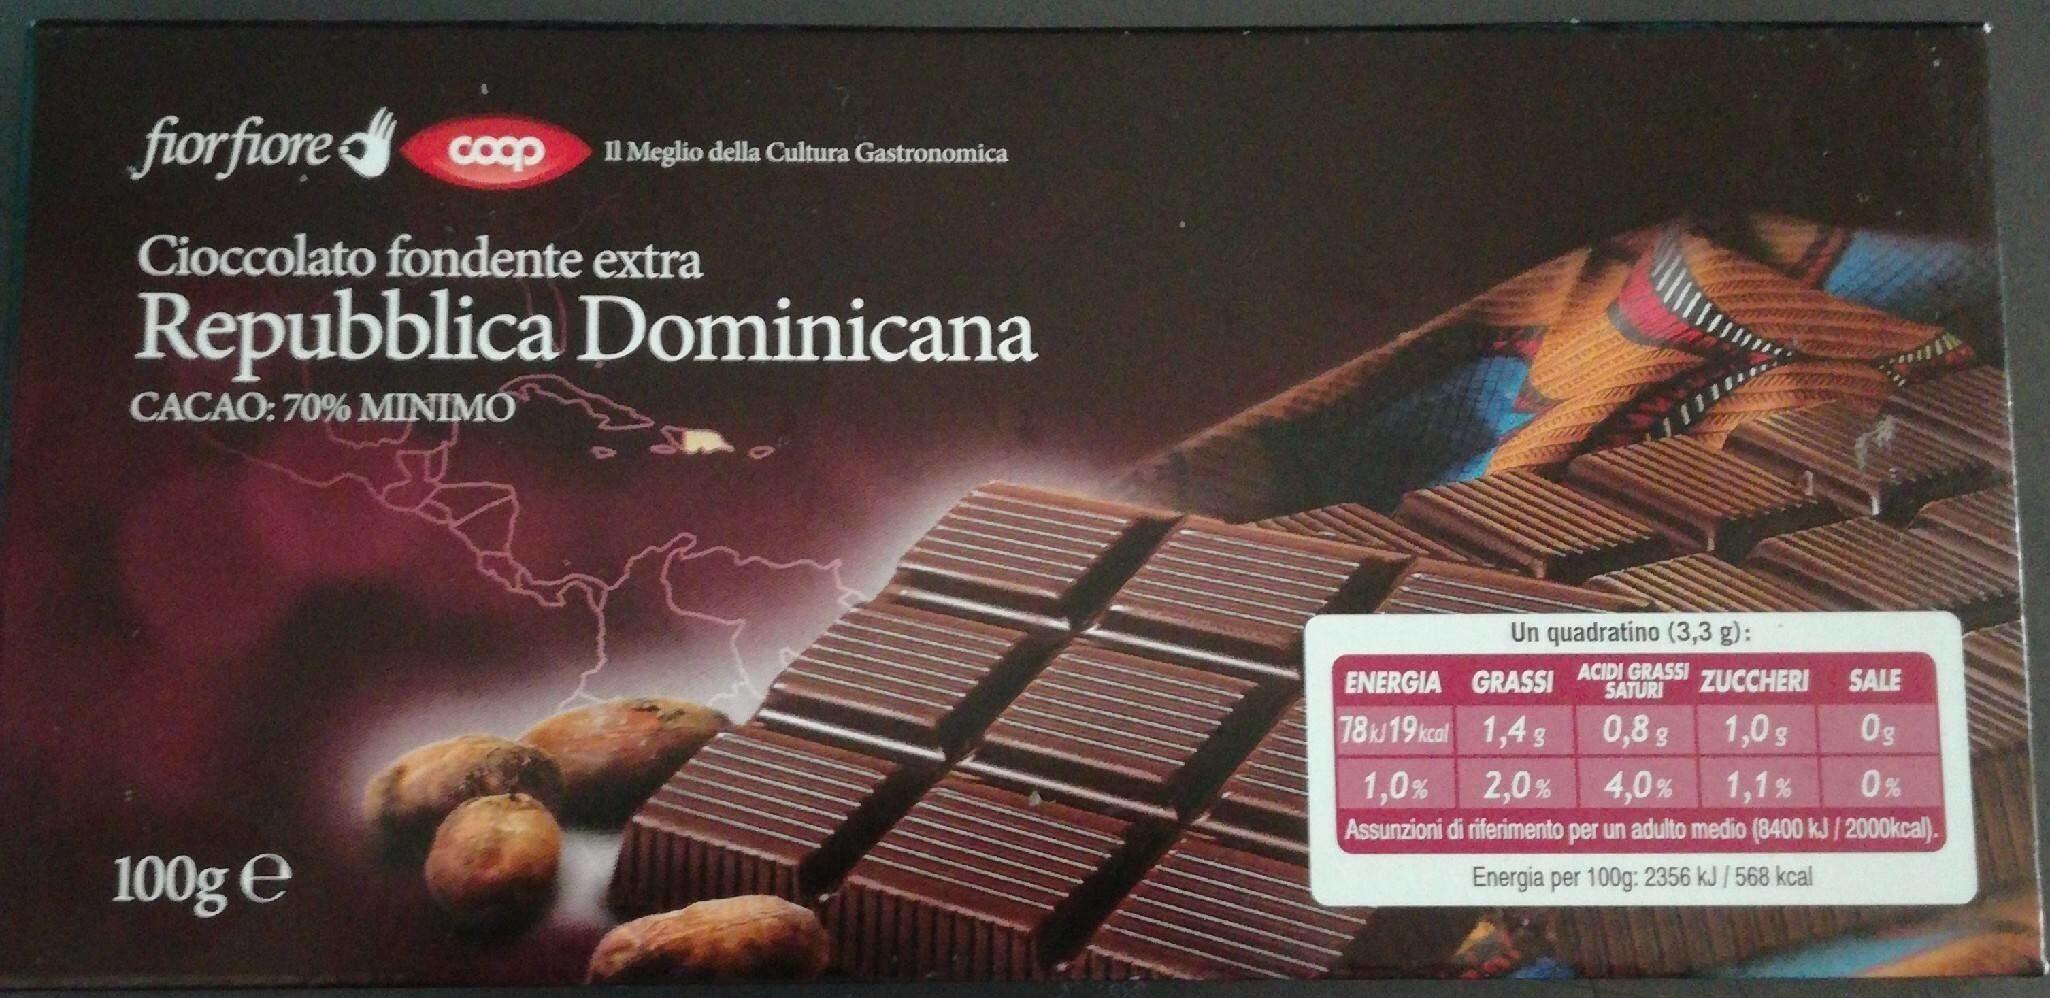 Cioccolato fondente extra Republica Dominicana - Product - it